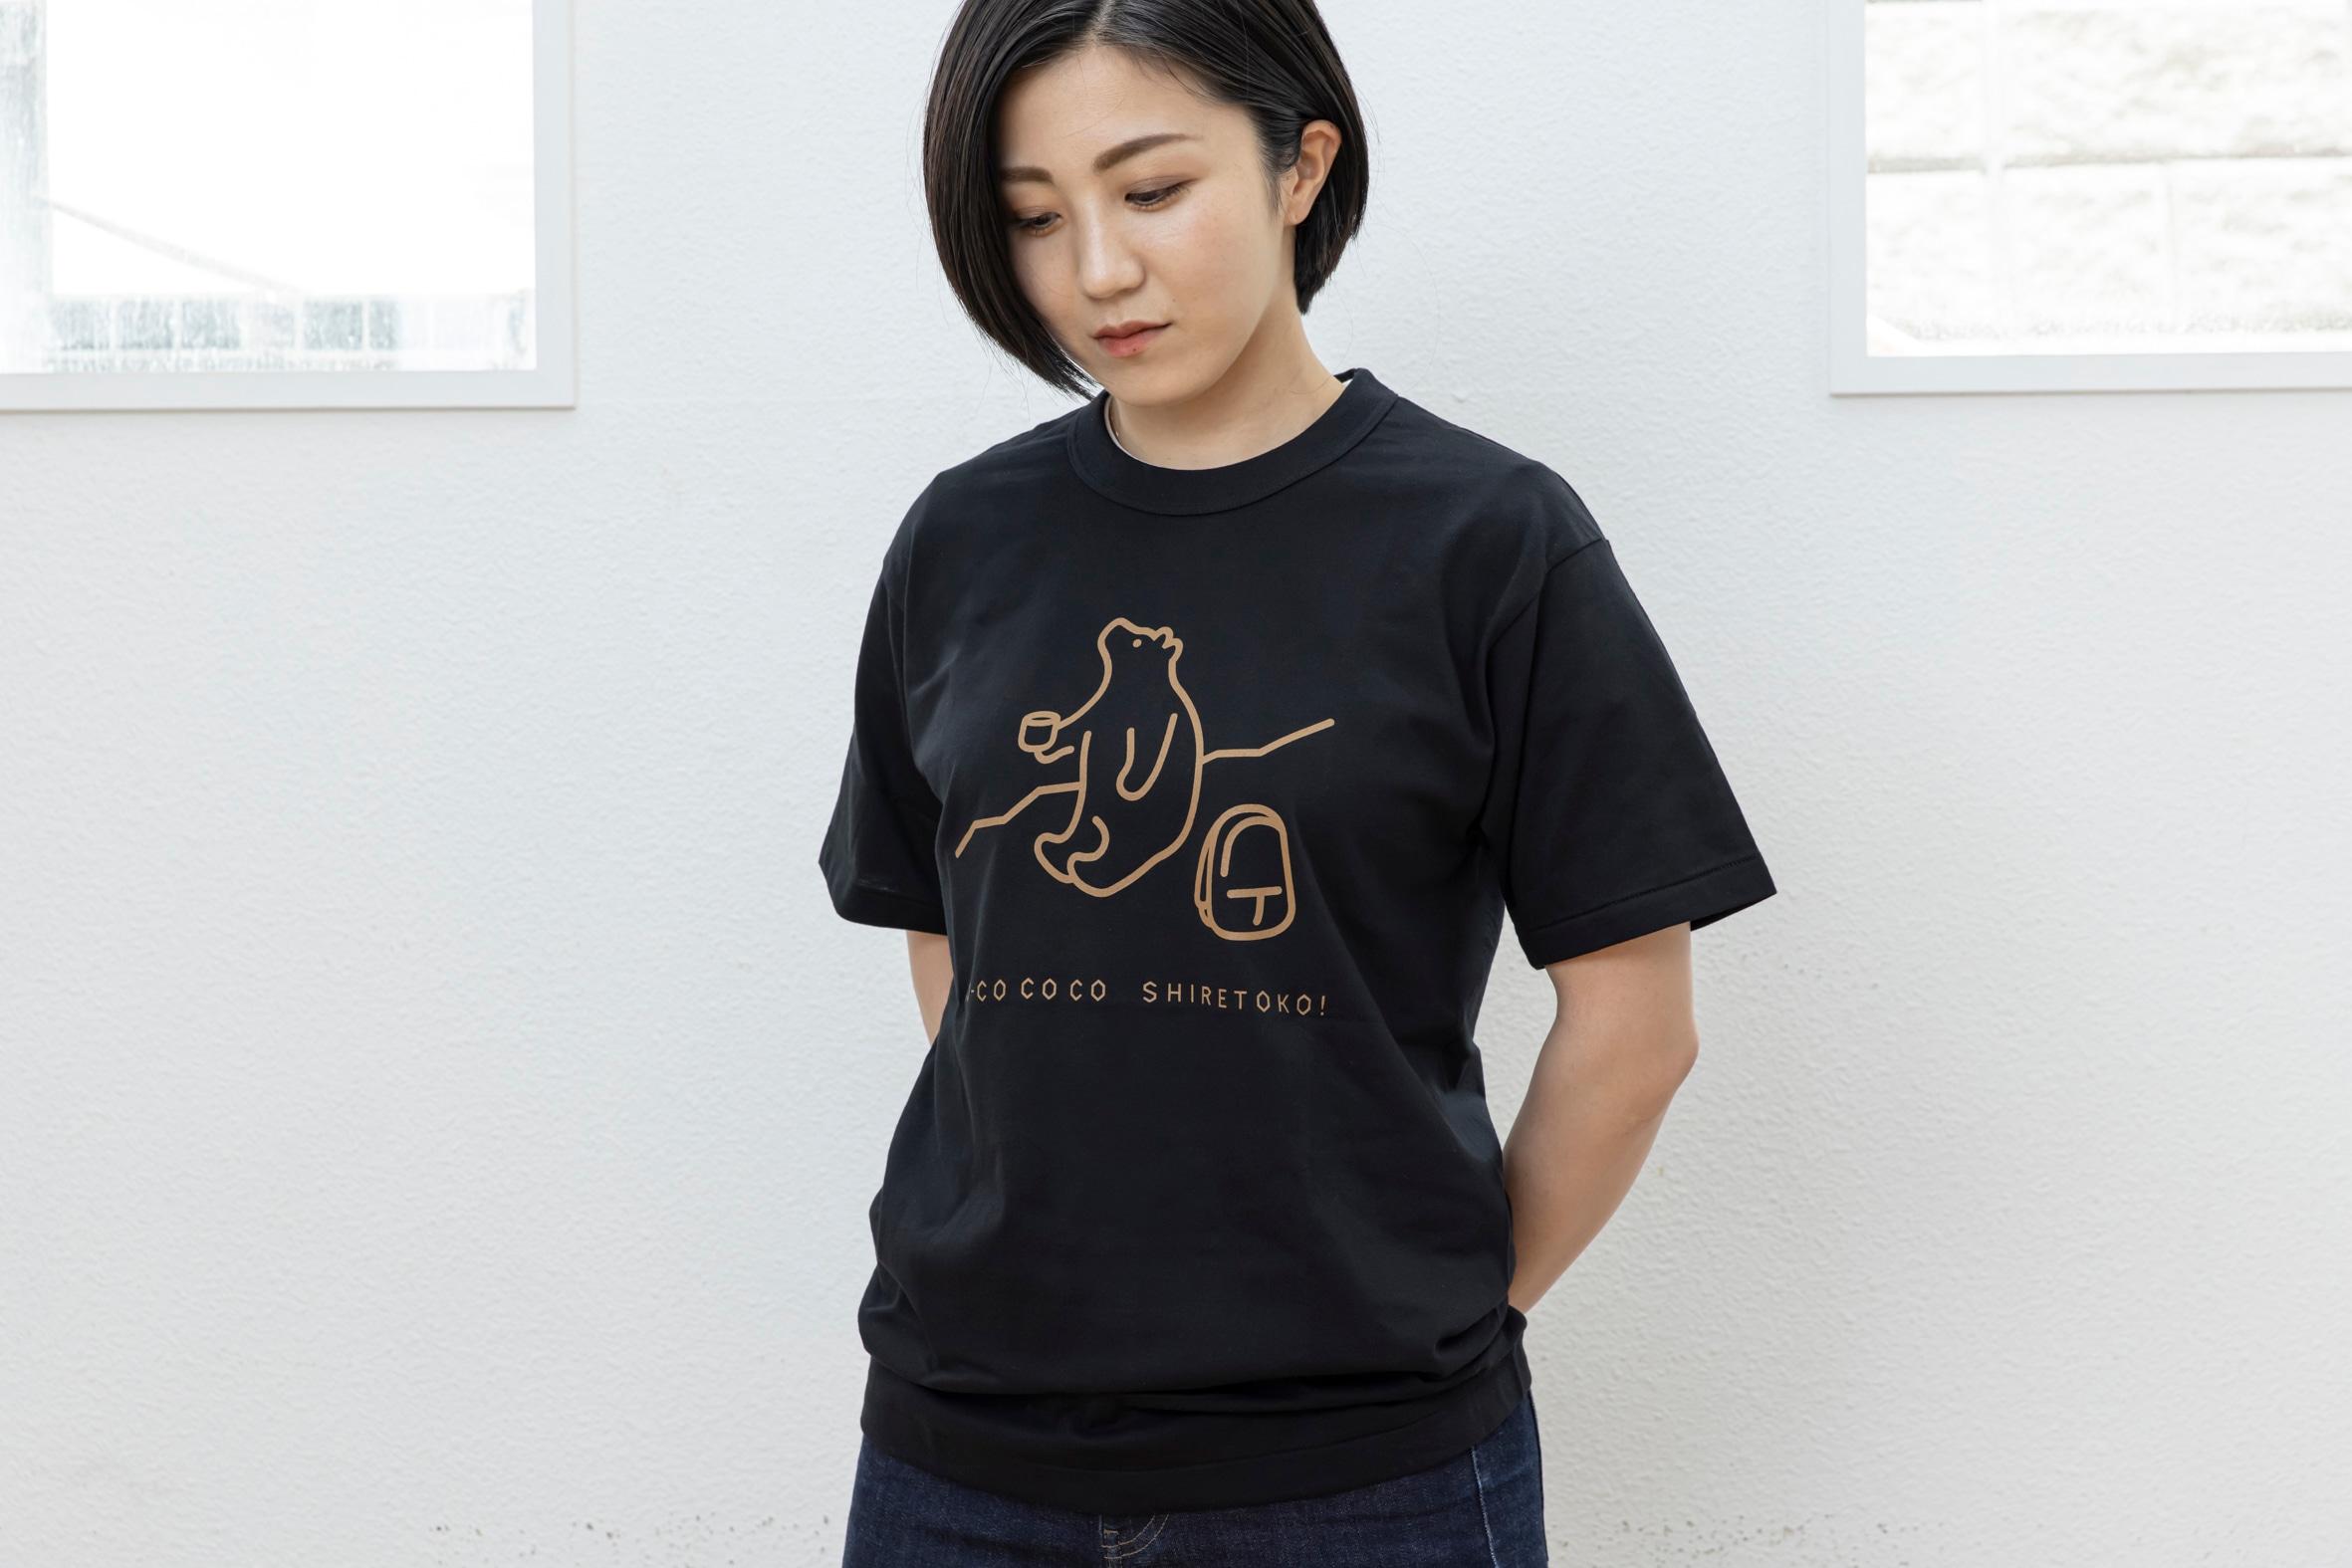 北海道知床斜里町のオリジナルTシャツ,一般社団法人知床しゃりのオリジナルTシャツ,オリジナルTシャツ,知床トコさん,トコさん